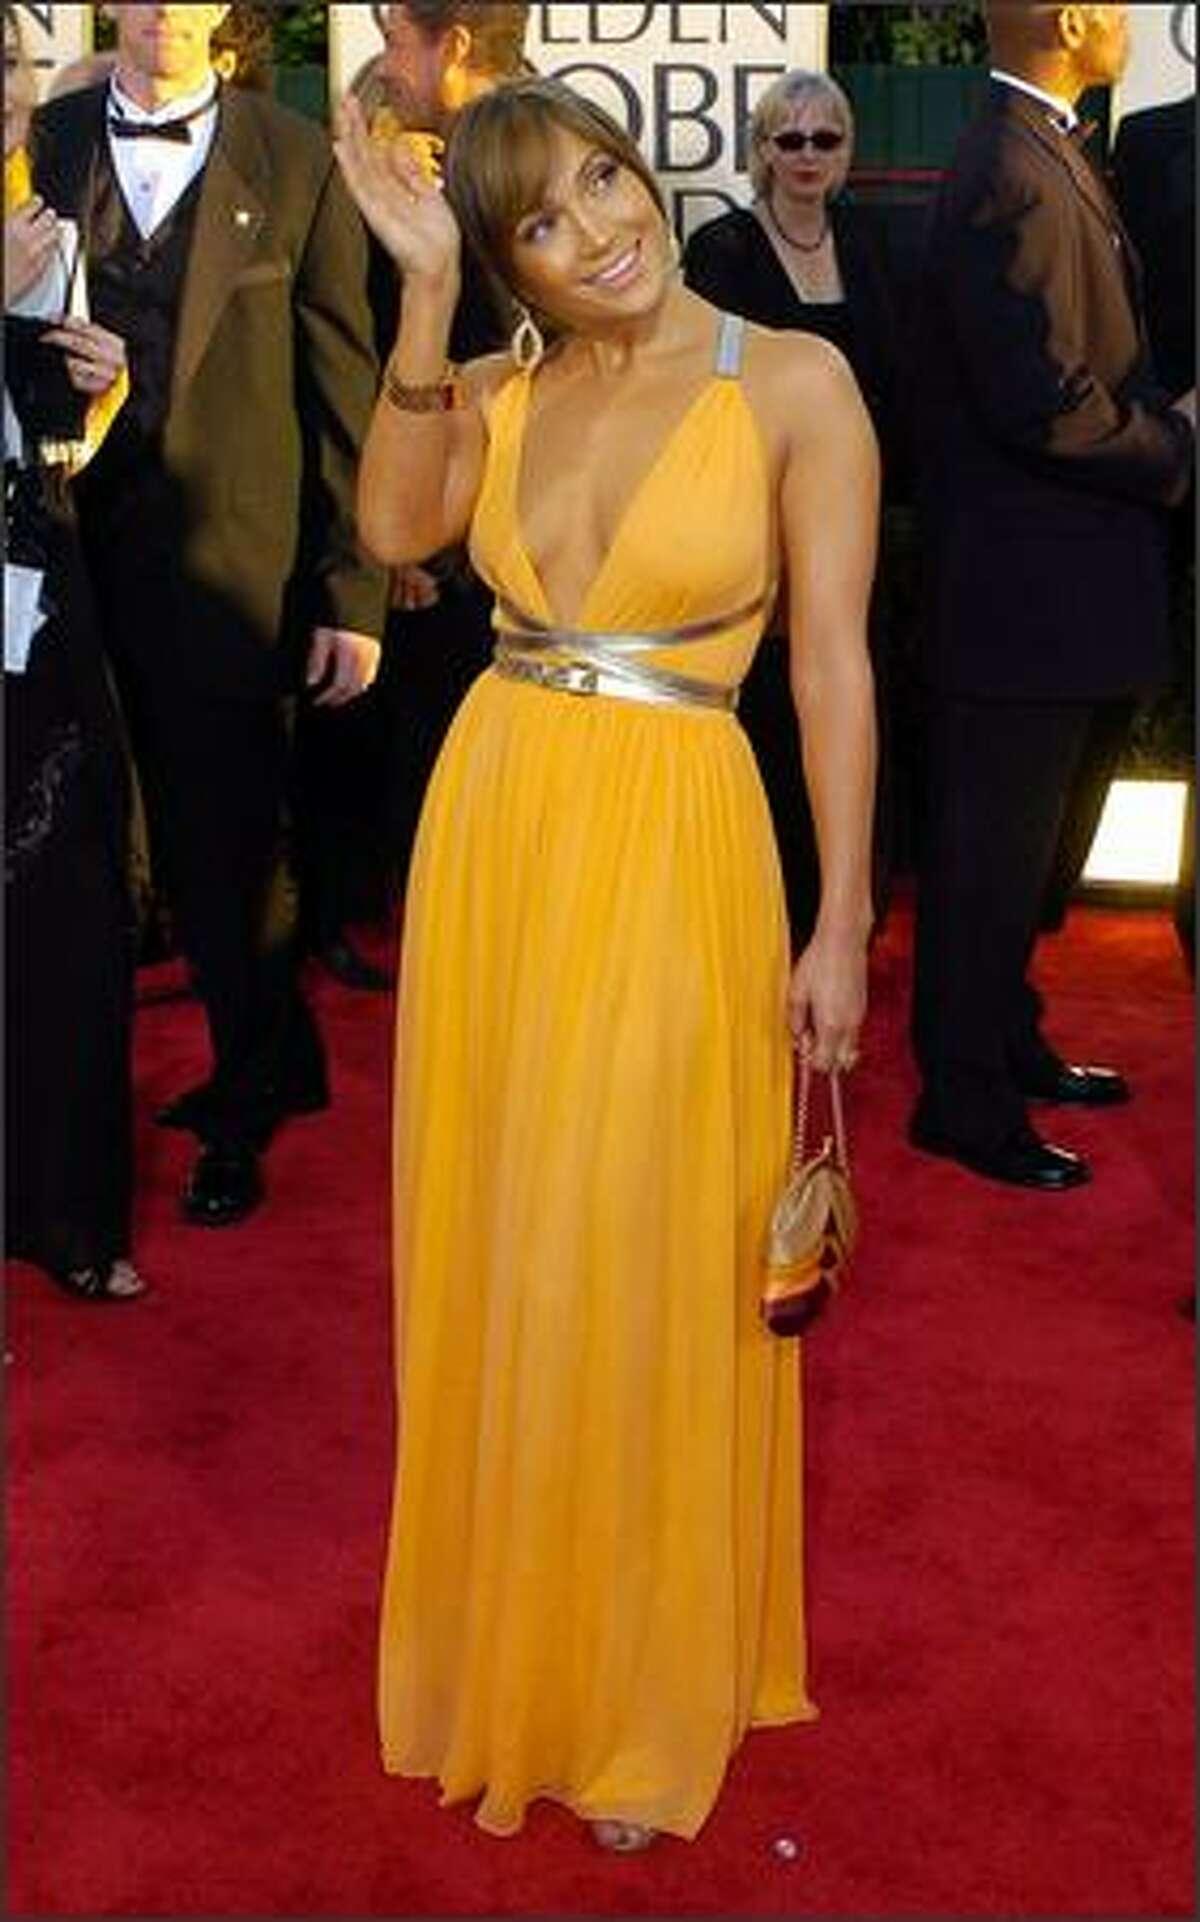 Jennifer Lopez arrives for the 61st Annual Golden Globe Awards. (AP Photo/Mark J. Terrill)